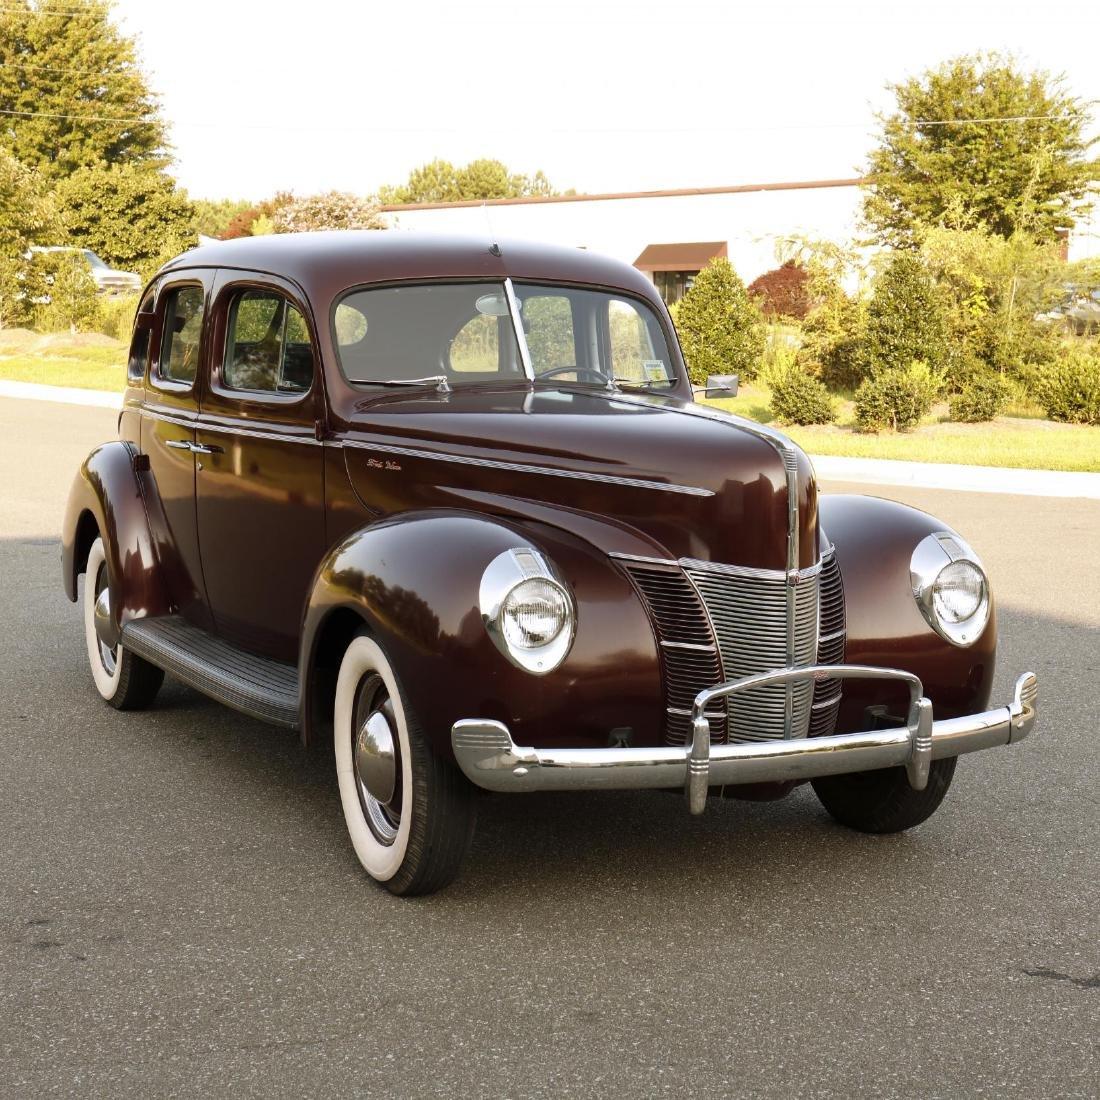 1940 Ford Deluxe Fordor Sedan - 4